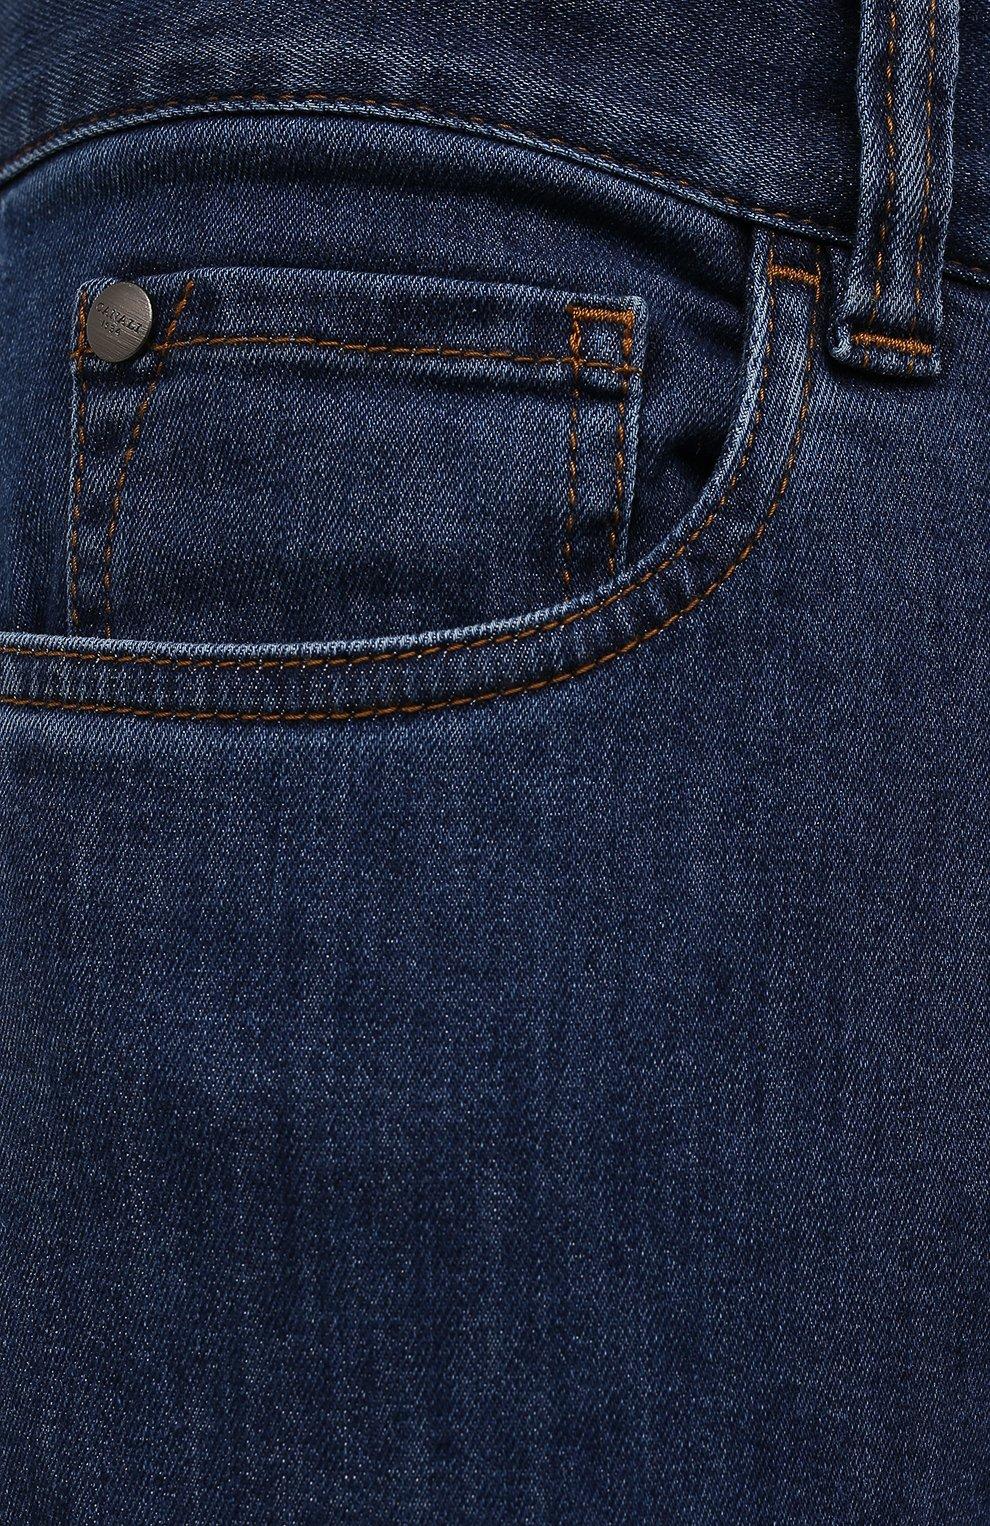 Мужские джинсы CANALI темно-синего цвета, арт. 91700/PD01033 | Фото 5